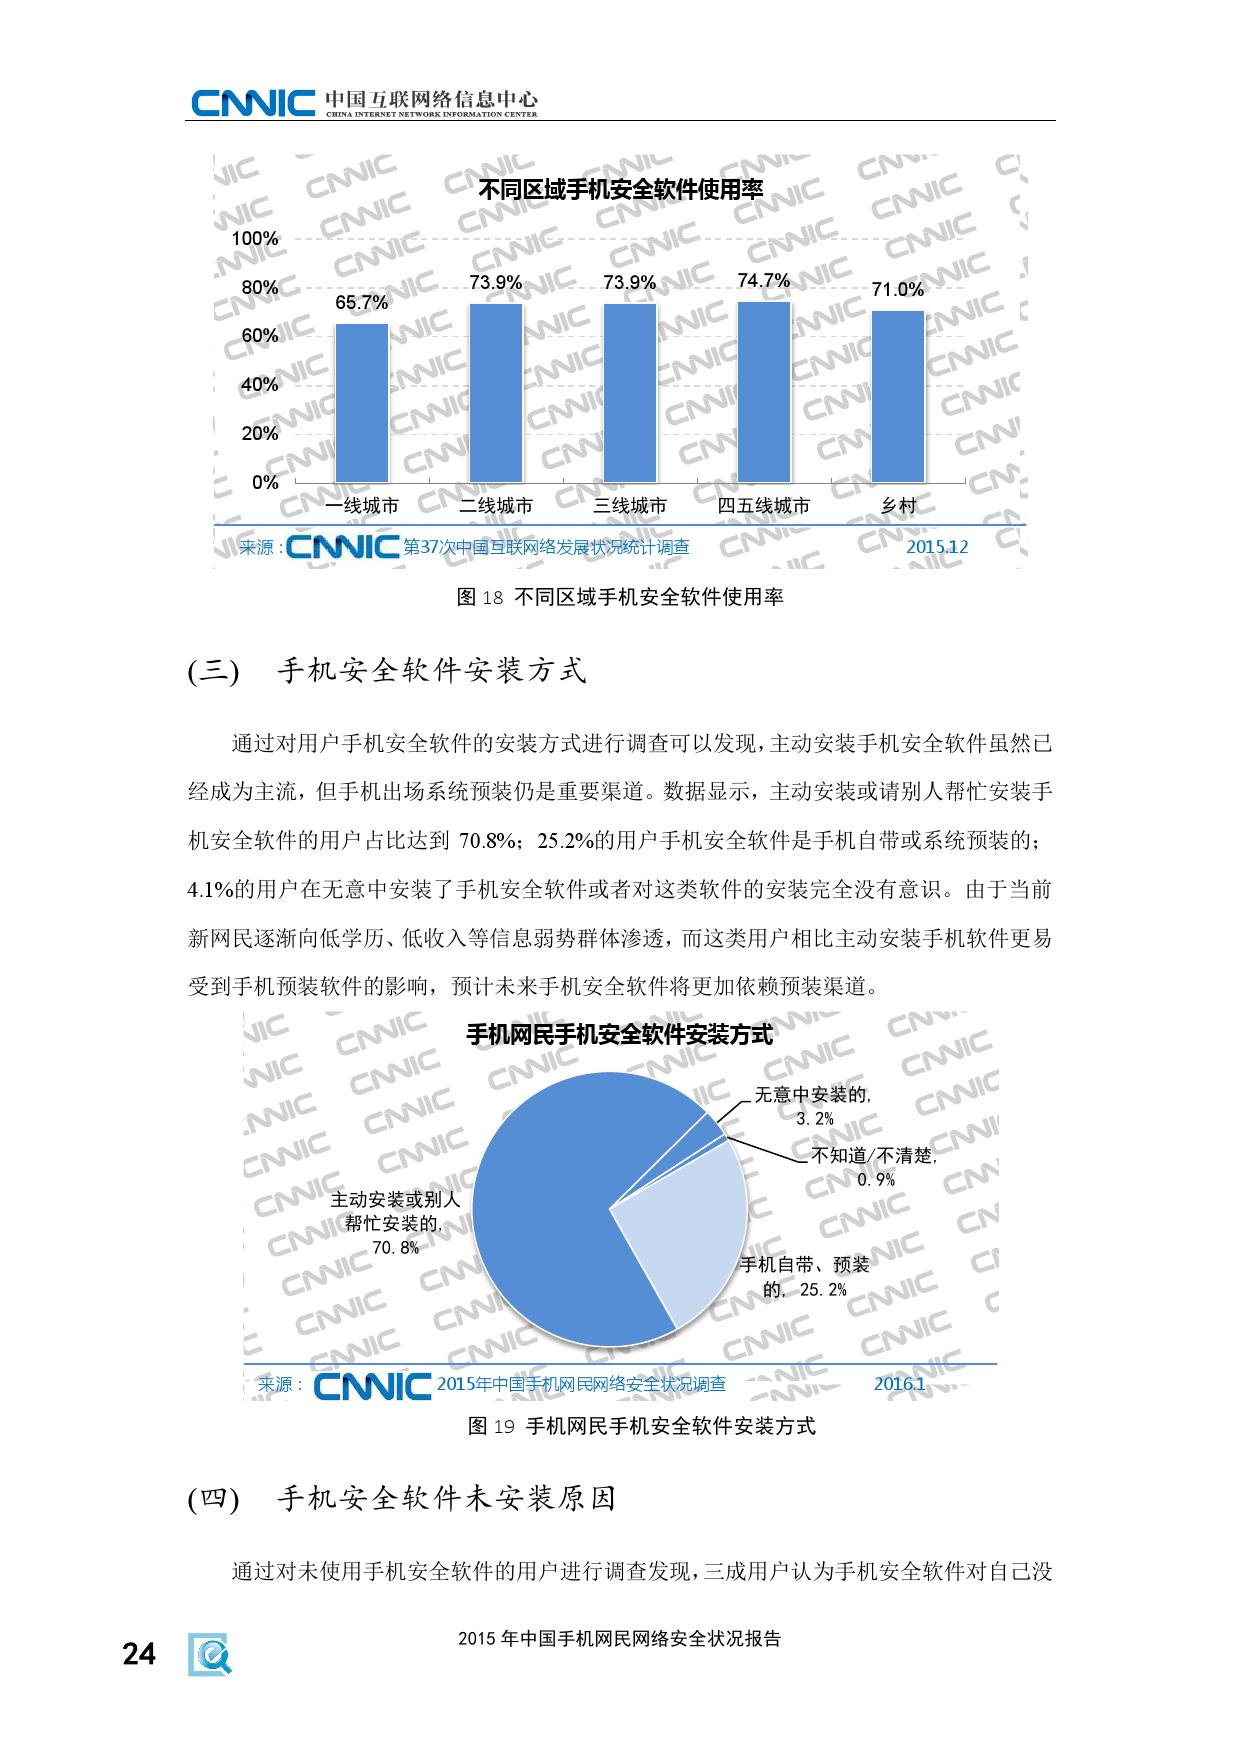 2015年中国手机网民网络安全状况报告_000030